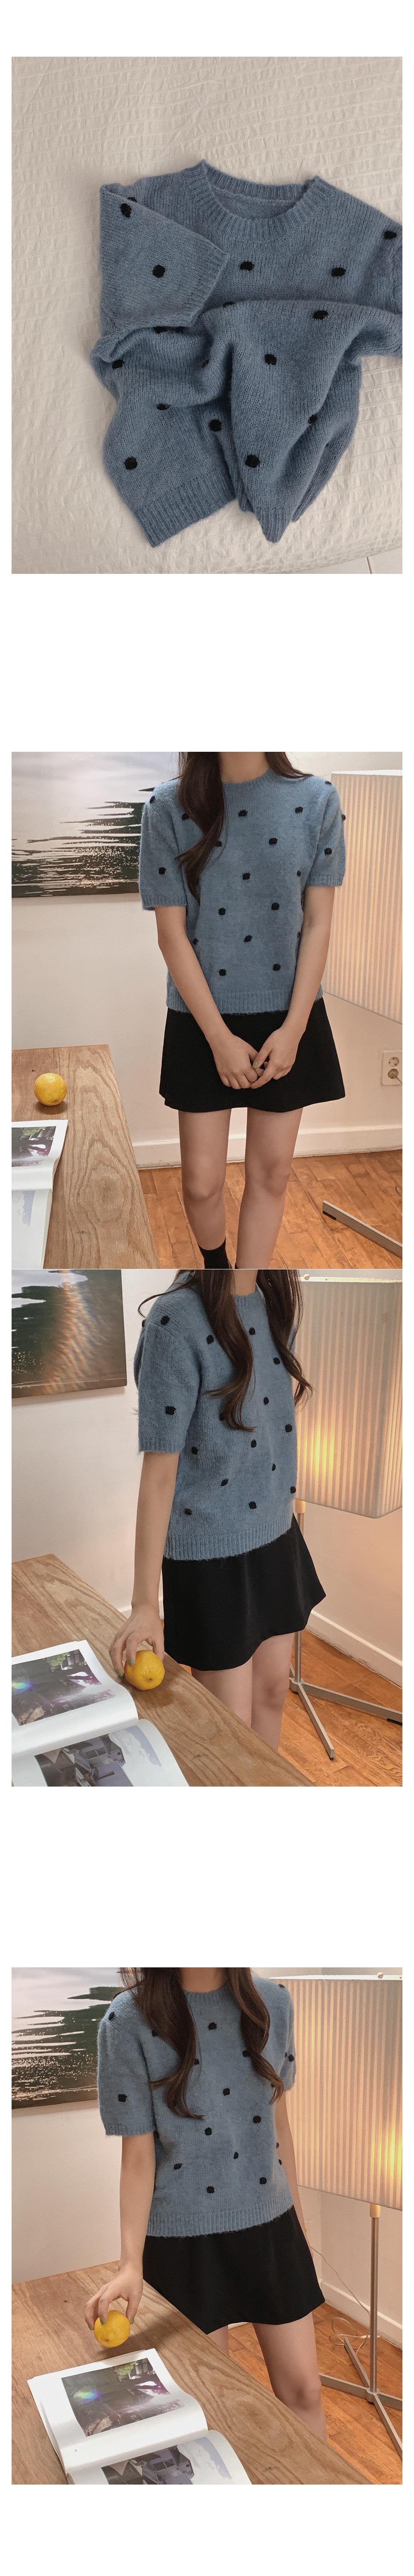 Stevie Dot Short Sleeve Knit